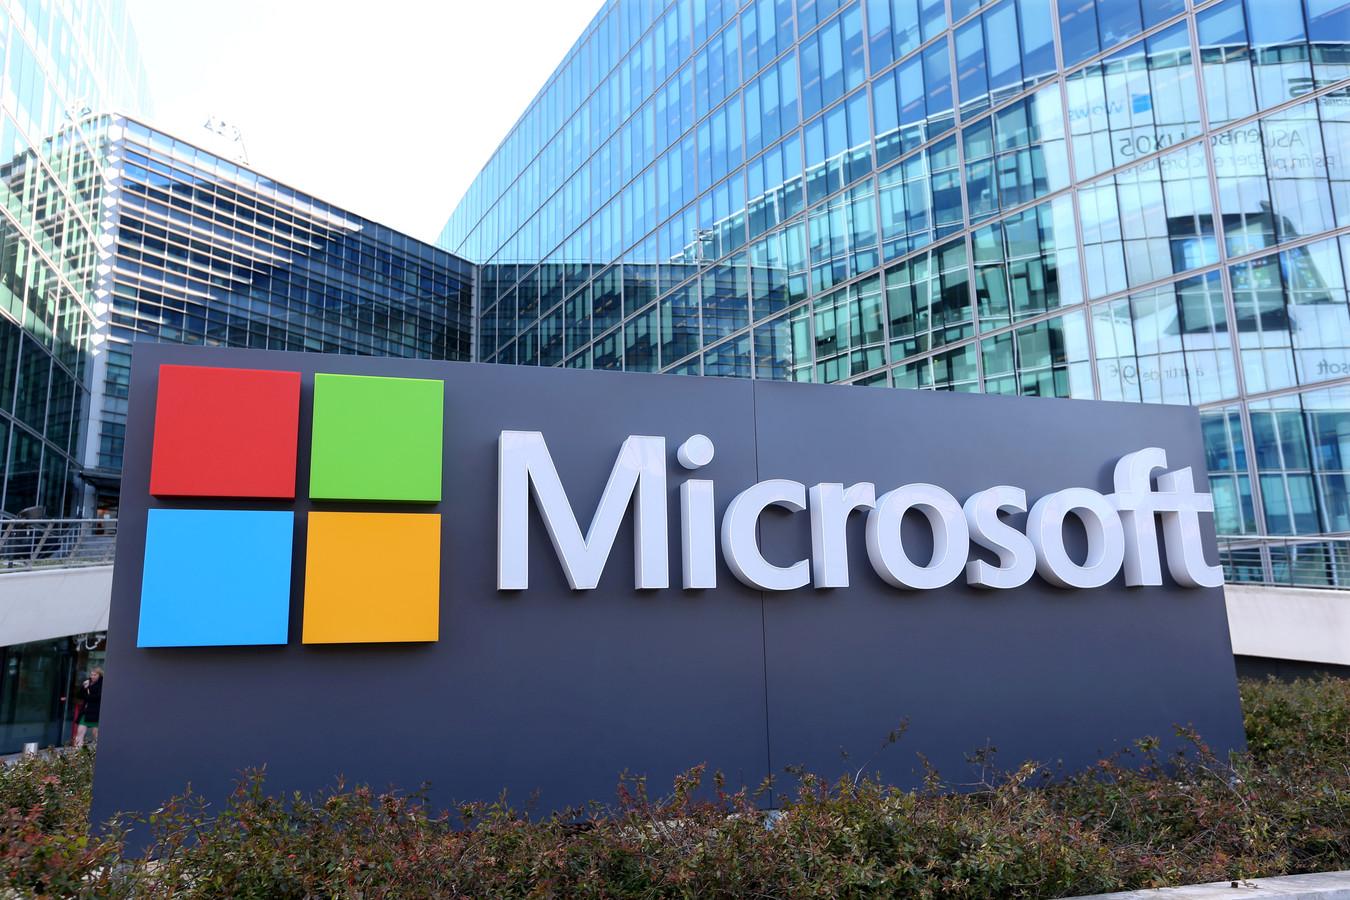 Acht Microsoft Excel-experts gaan deelnemen aan het wereldkampioenschap, waarin zij moeten bewijzen wie het beste kan modelleren.